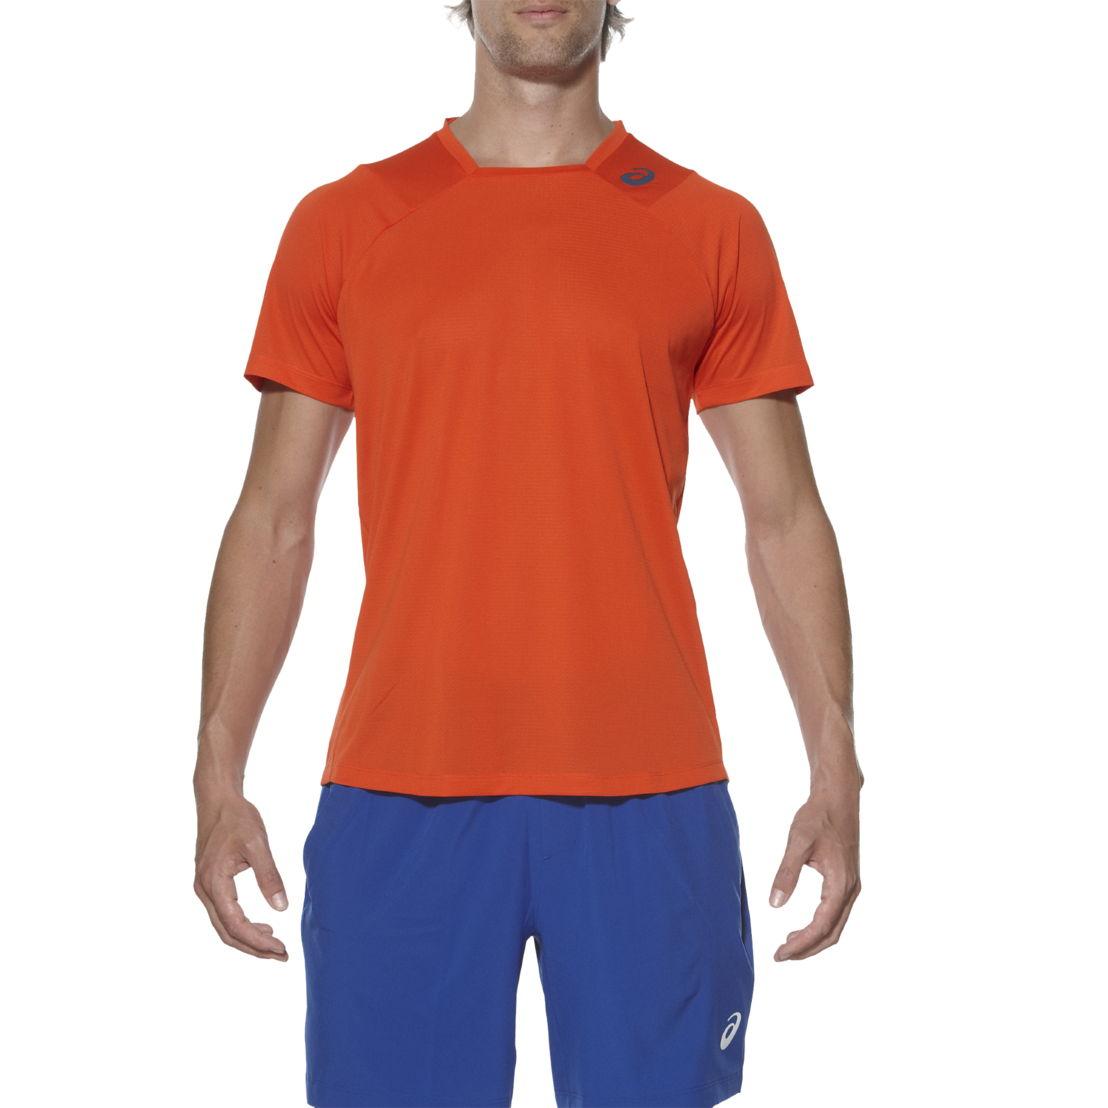 Verkoelend sportshirt met korte mouwen